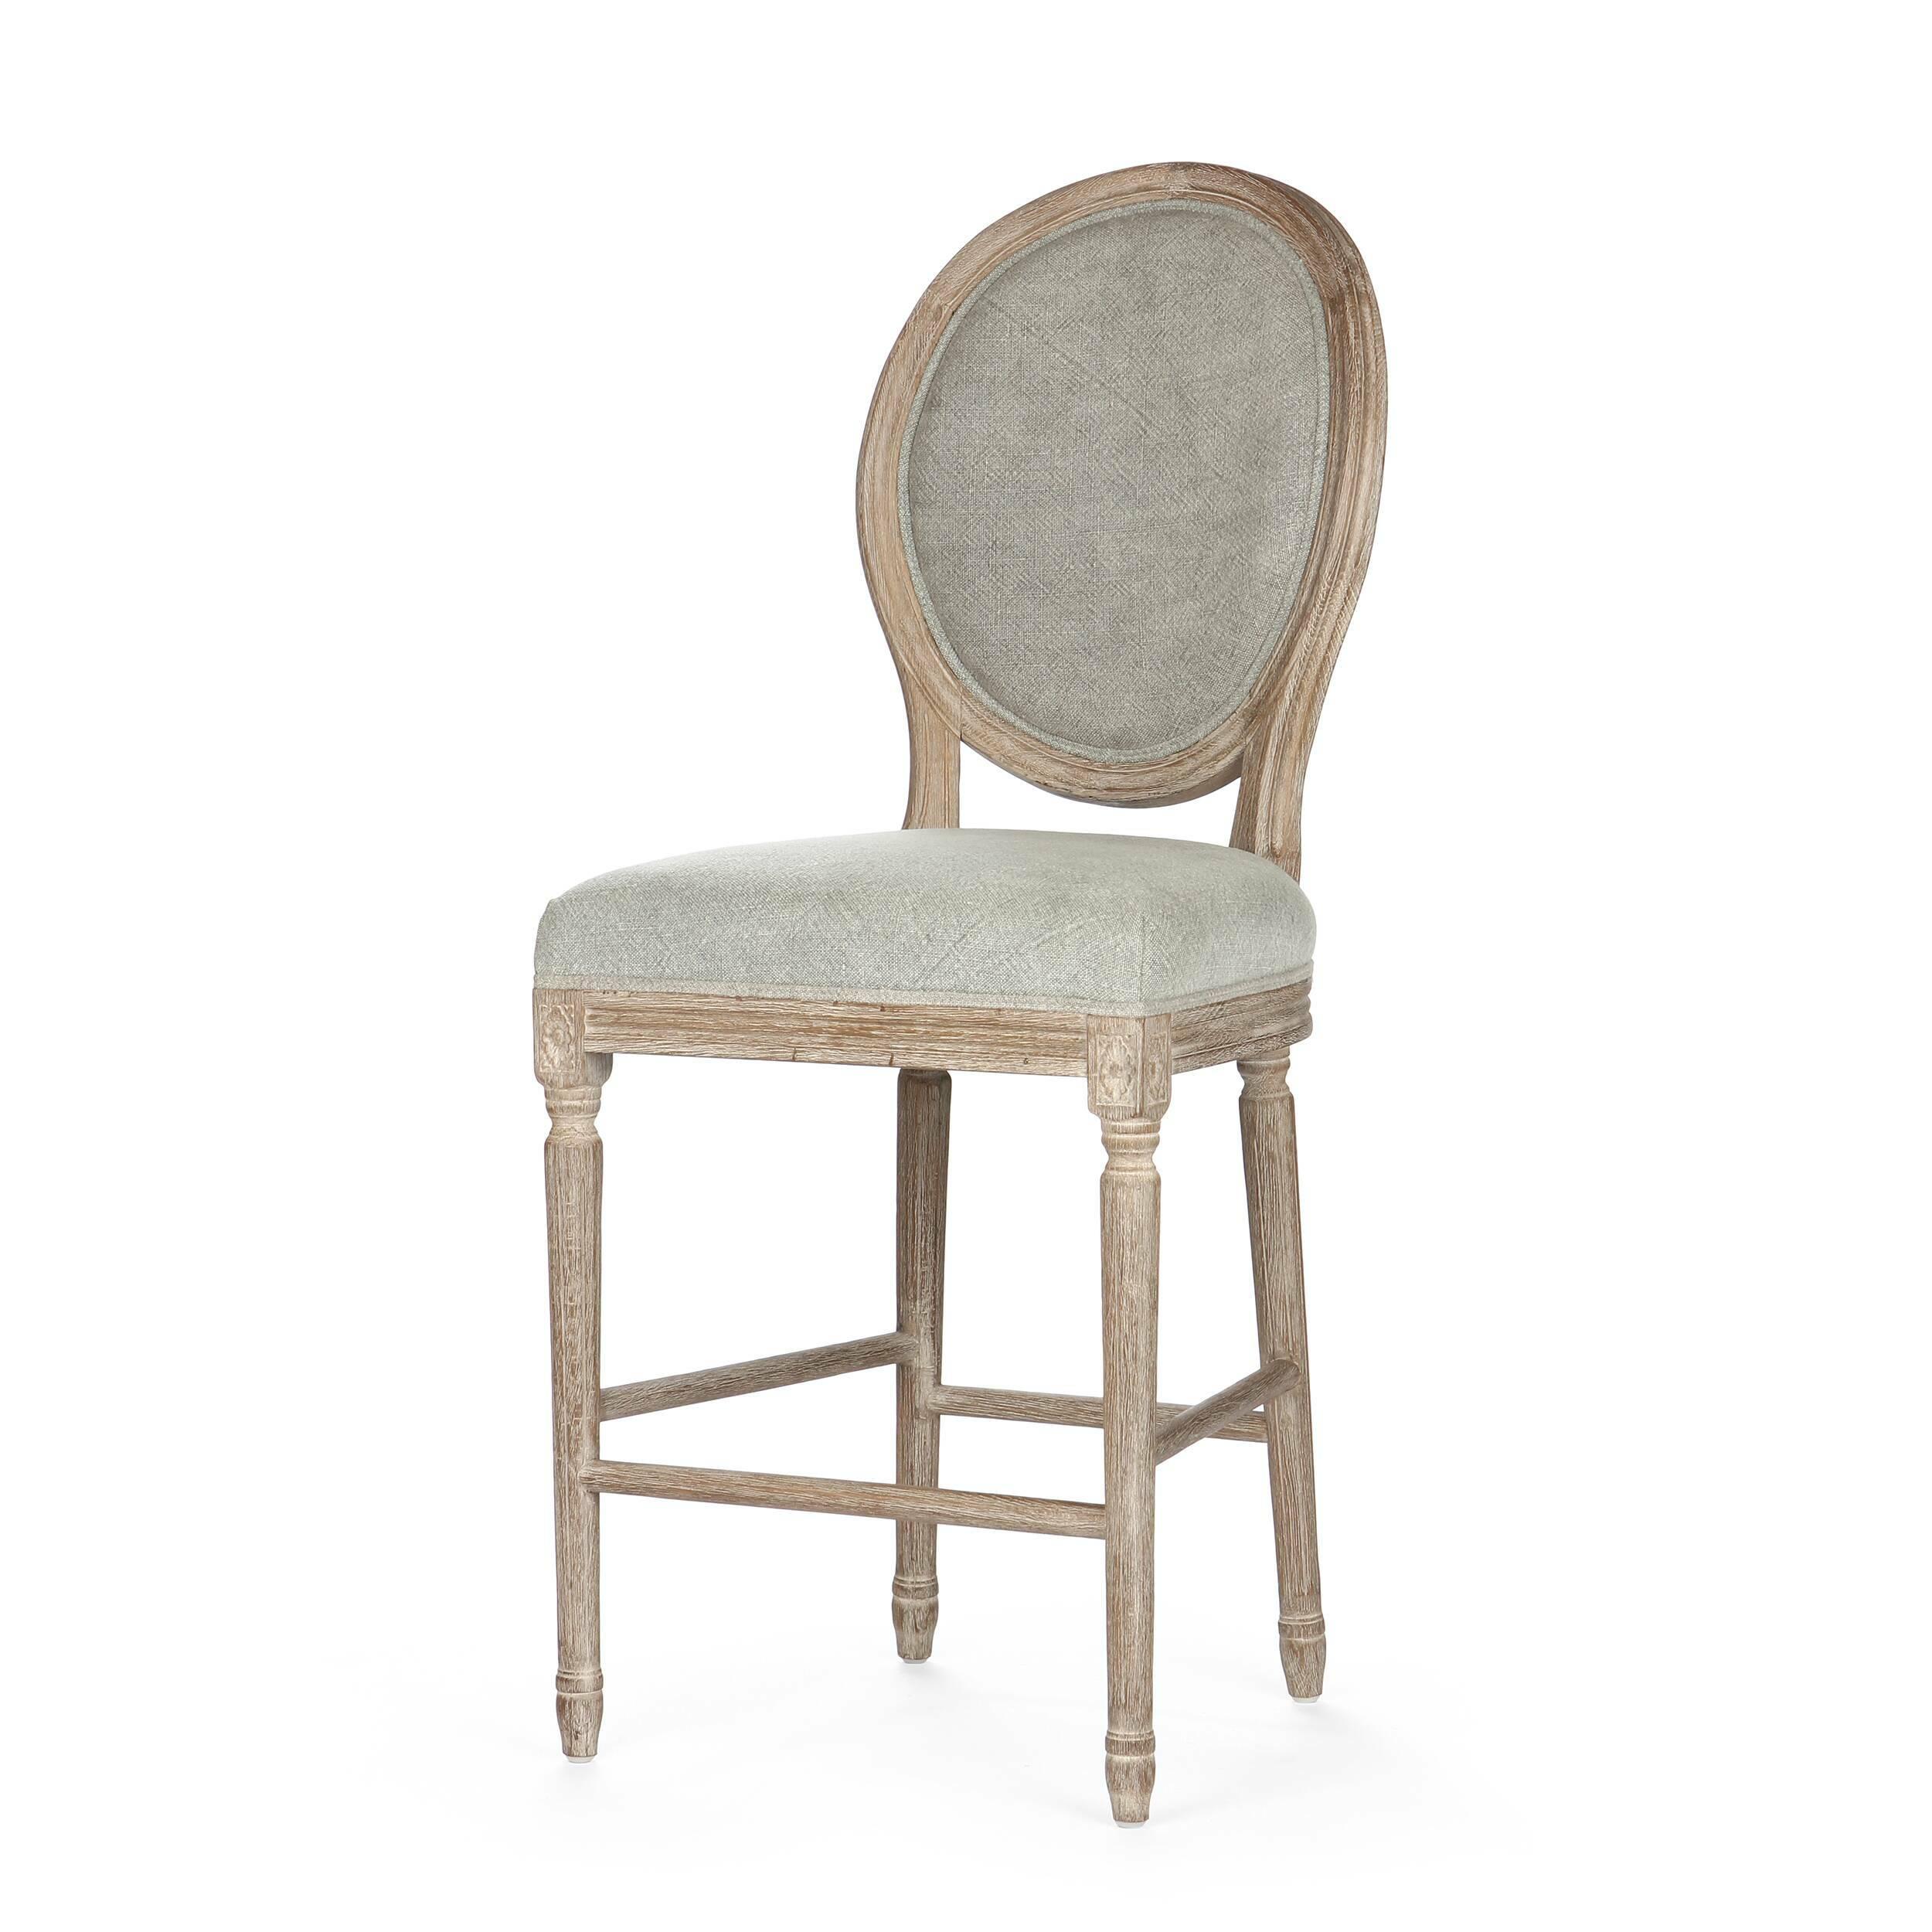 Барный стул LavishБарные<br>Дизайнерский серый тканевый барный стул Lavish (Лавиш) с каркасом из состаренного массива дуба от Cosmo (Космо). <br>Роскошный дизайн барного стула Lavish отражен уже в самом названии. В переводе с английского lavish — «богатый». Однако он при этом не выглядит безвкусным, его силуэт лаконичен, а сочетание отдельных деталей весьма органично. Сдержанный, но безусловно элегантный стул выполнен в викторианском стиле, однако он подойдет для декорирования любого классического помещения, где мебель вы...<br><br>stock: 12<br>Высота: 117<br>Высота сиденья: 62<br>Ширина: 50<br>Глубина: 62<br>Наполнитель: Пена<br>Материал каркаса: Состаренный массив дуба<br>Тип материала каркаса: Дерево<br>Материал сидения: Лен<br>Цвет сидения: Серый<br>Тип материала сидения: Ткань<br>Цвет каркаса: Дуб